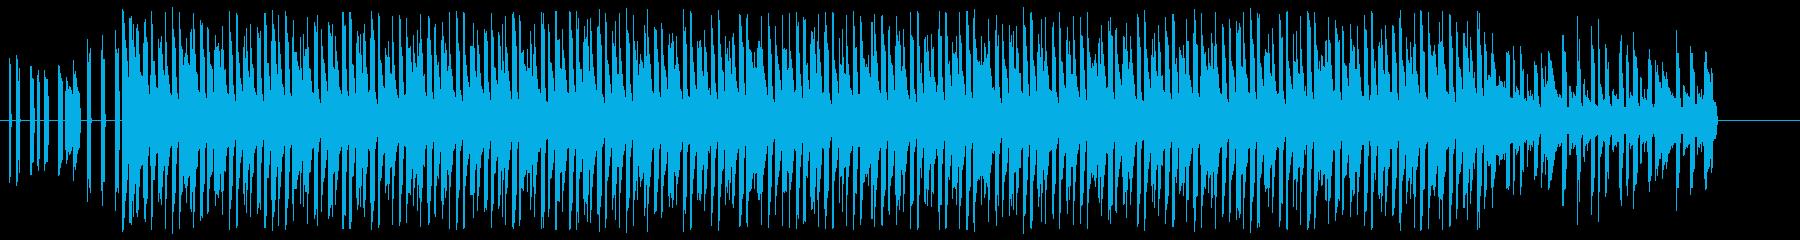 かわいいチャイナダンス TikTokにもの再生済みの波形